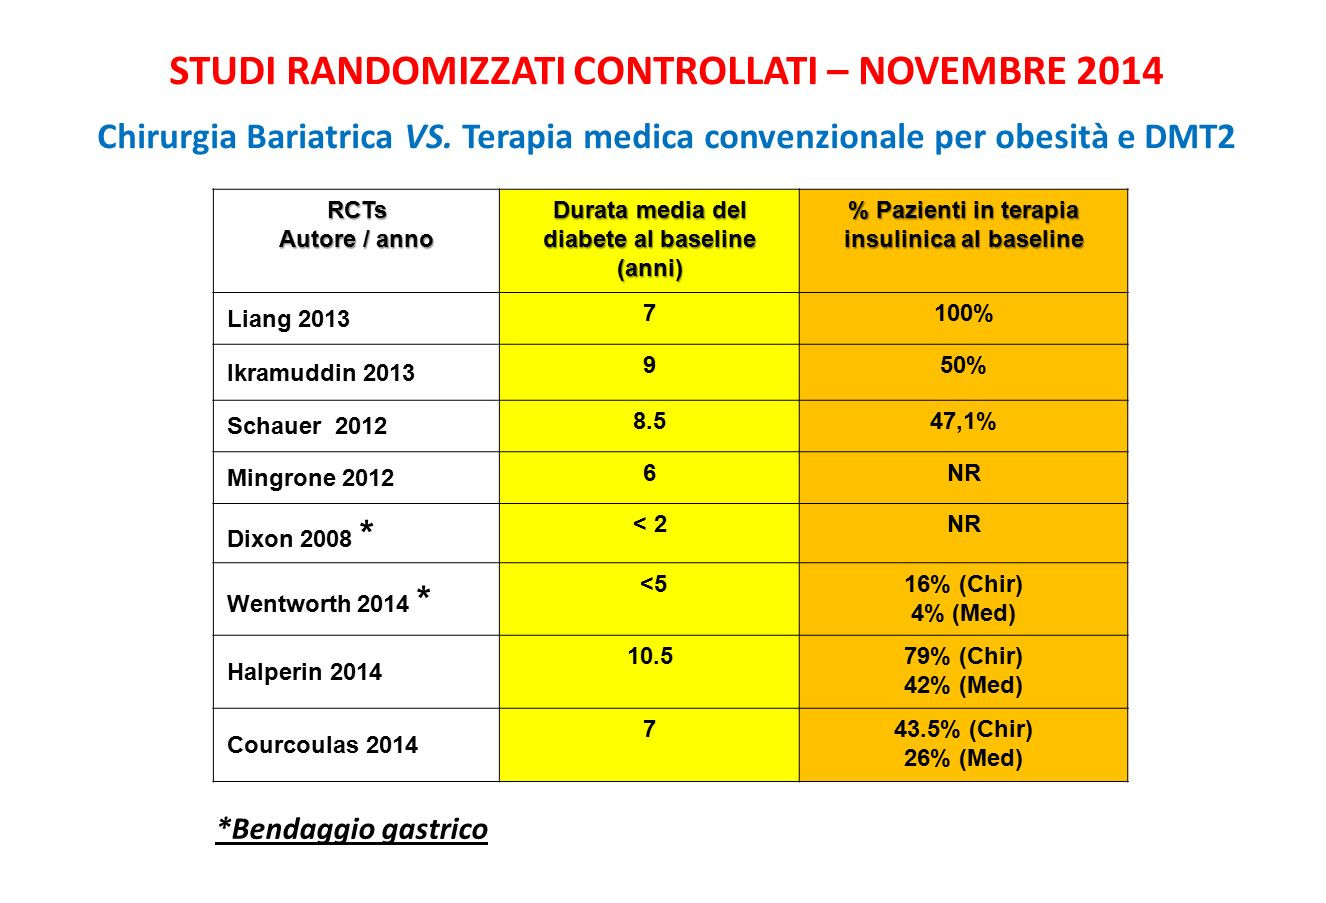 STUDI RANDOMIZZATI CONTROLLATI – NOVEMBRE 2014